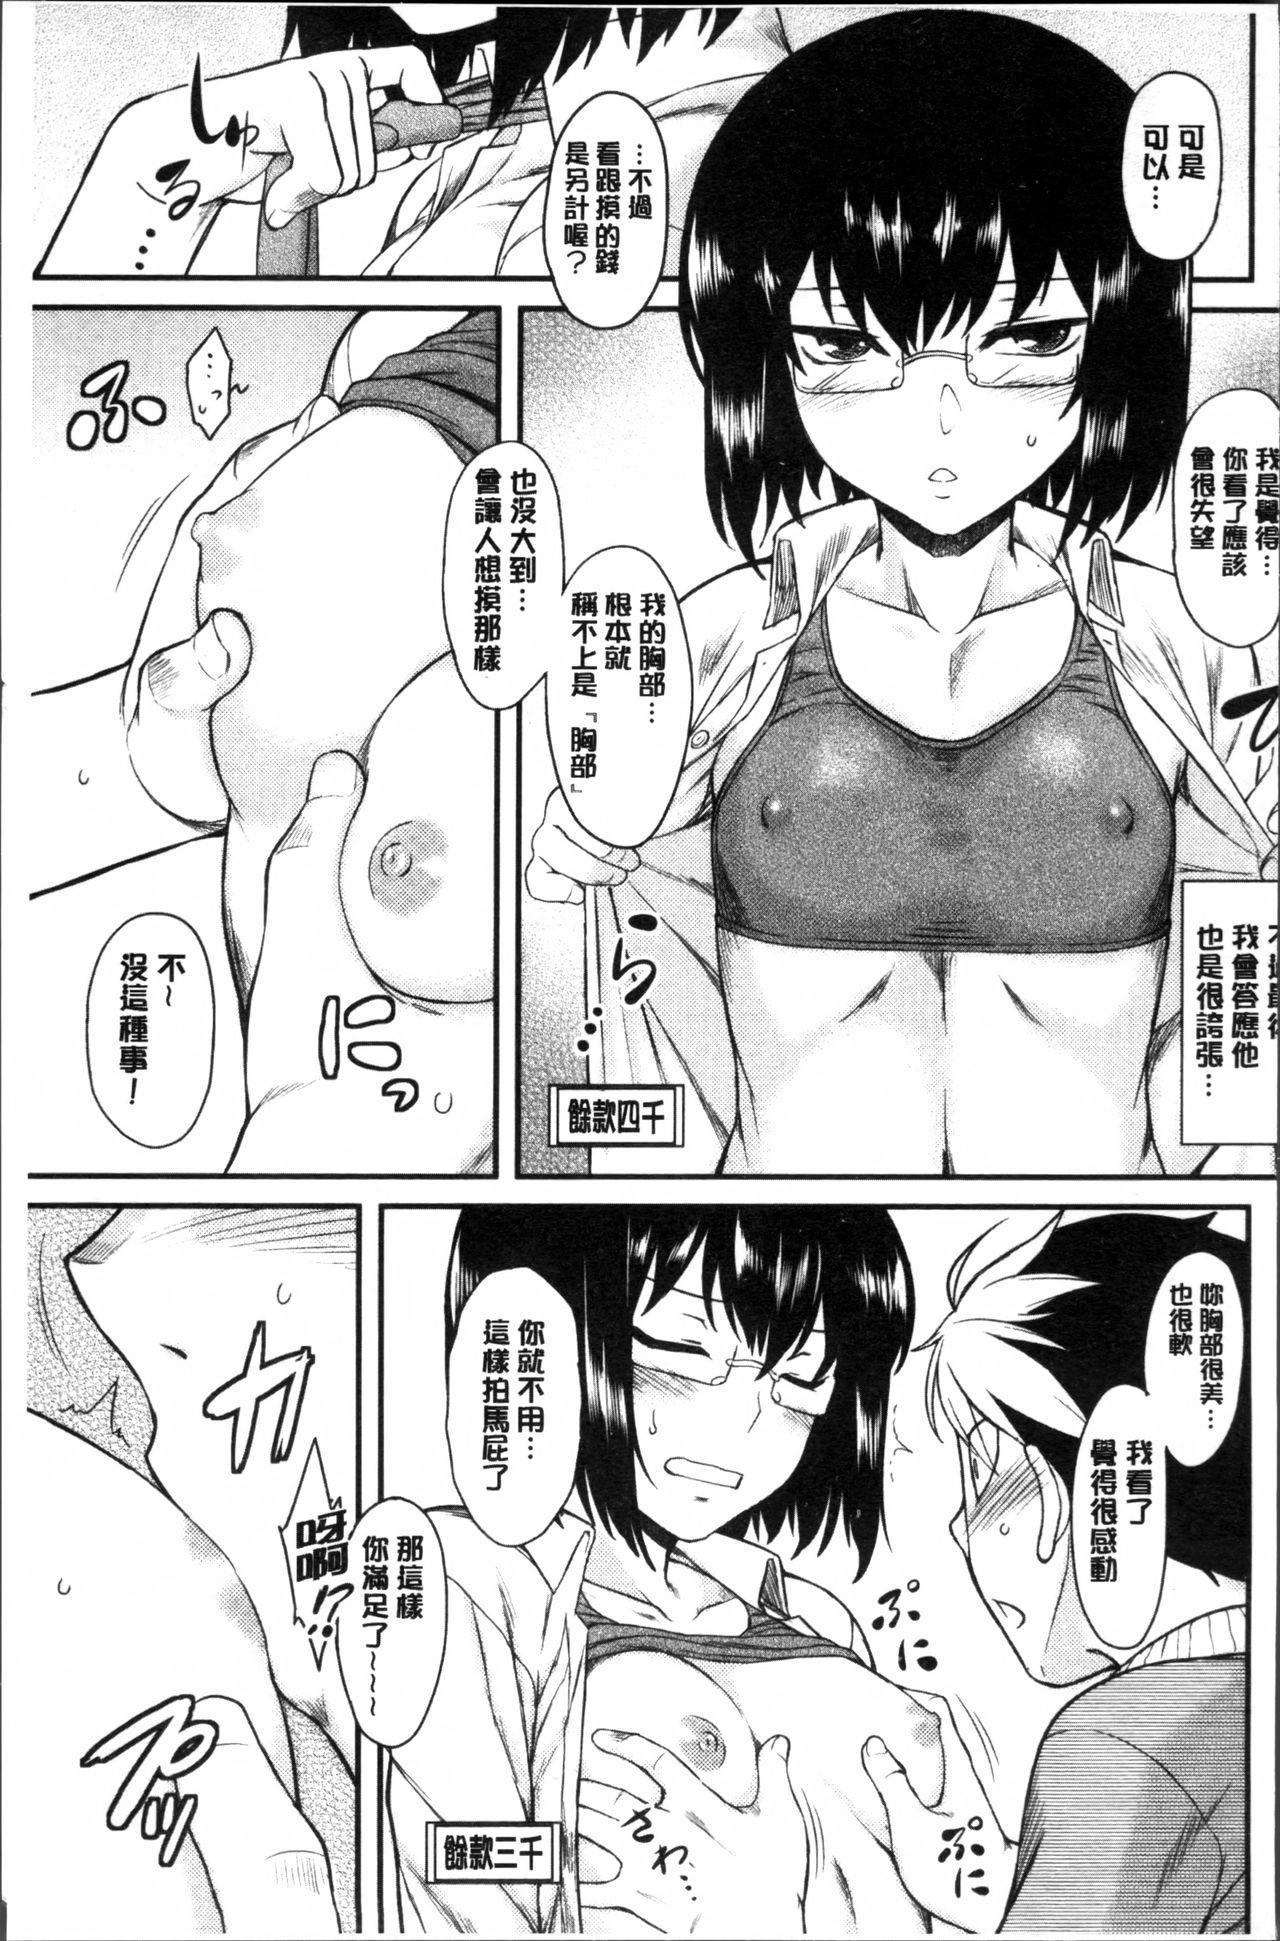 Hatsukoi Splash! 105